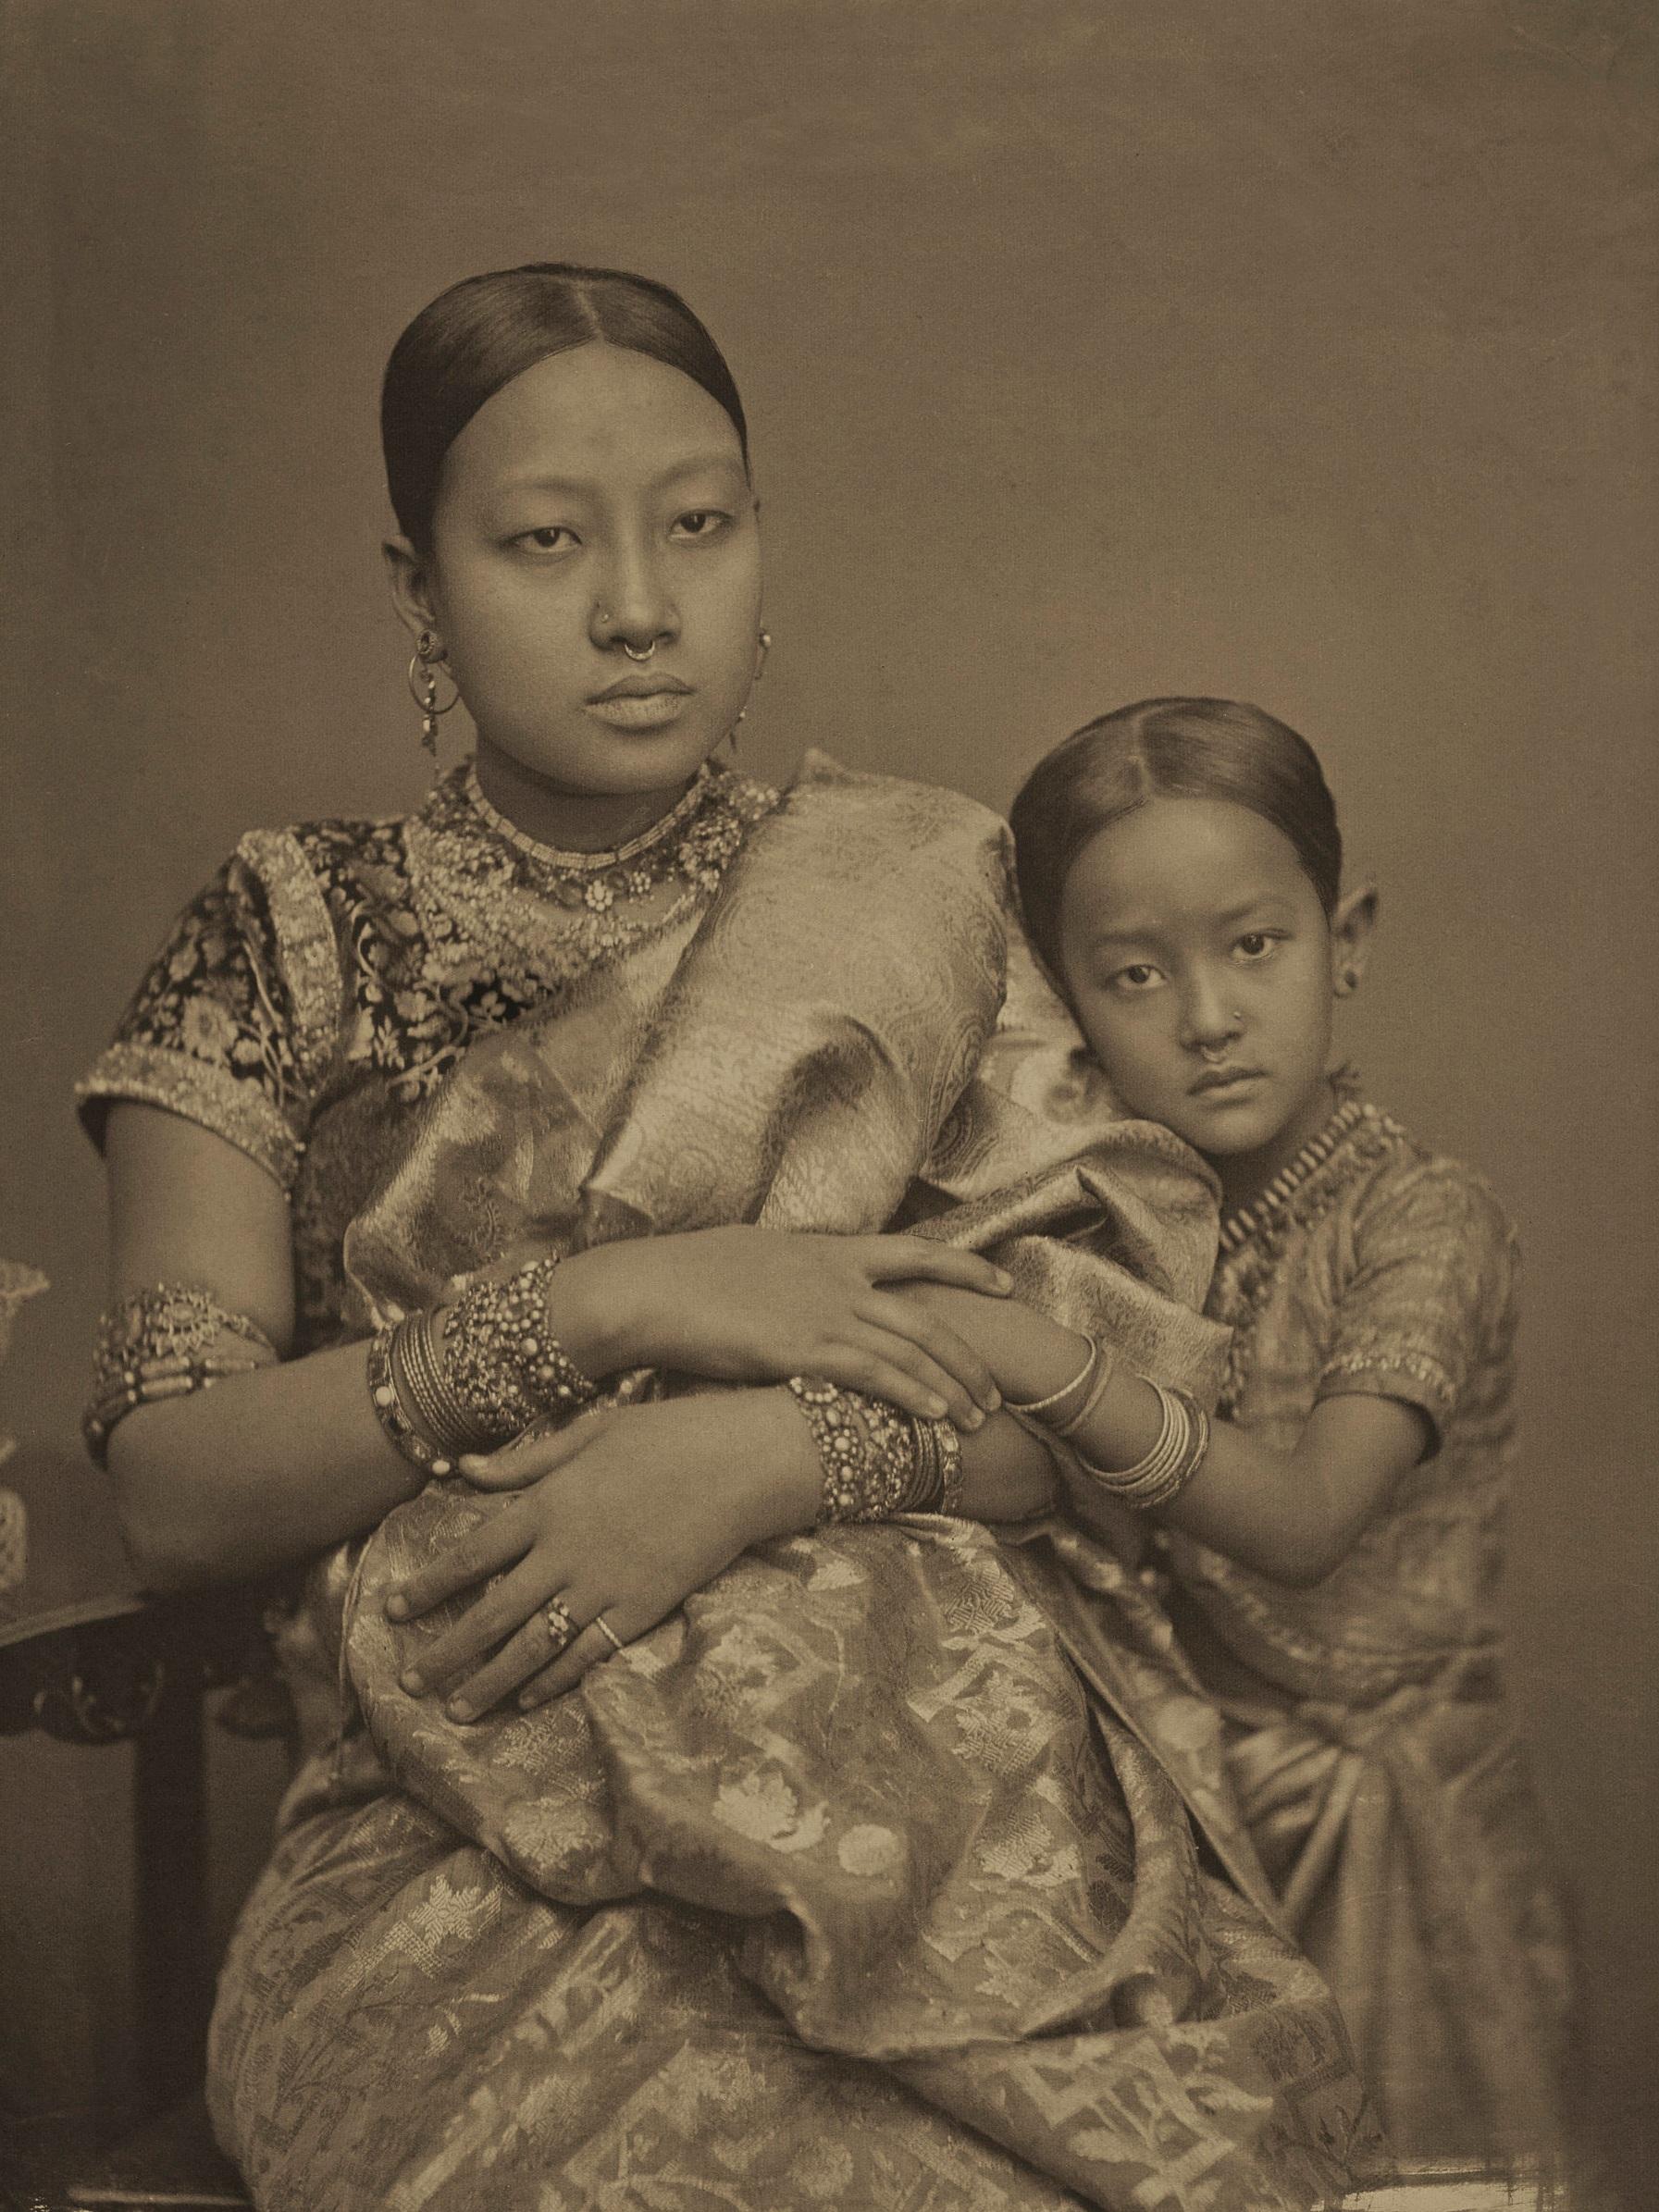 Monmohini Devi, with her third daughter, Princess Mrinalini. Photographed by Bir Chandra Manikya. Platinum palladium print.  c. 1890.